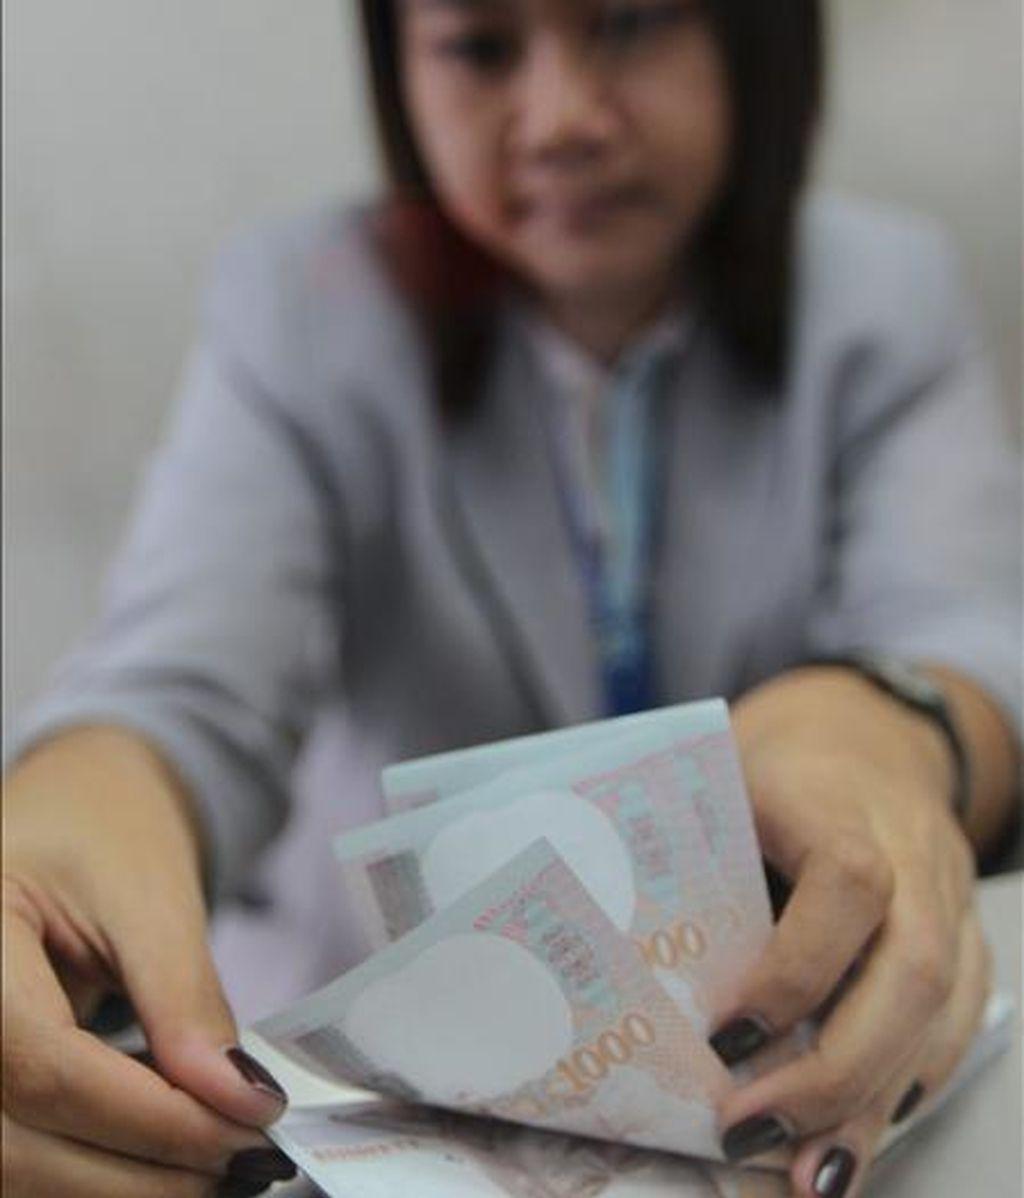 Una mujer cuenta dinero en un local de cambio de divisas en Bangkok, Tailandia en Bangkok, Tailandia. EFE/Archivo